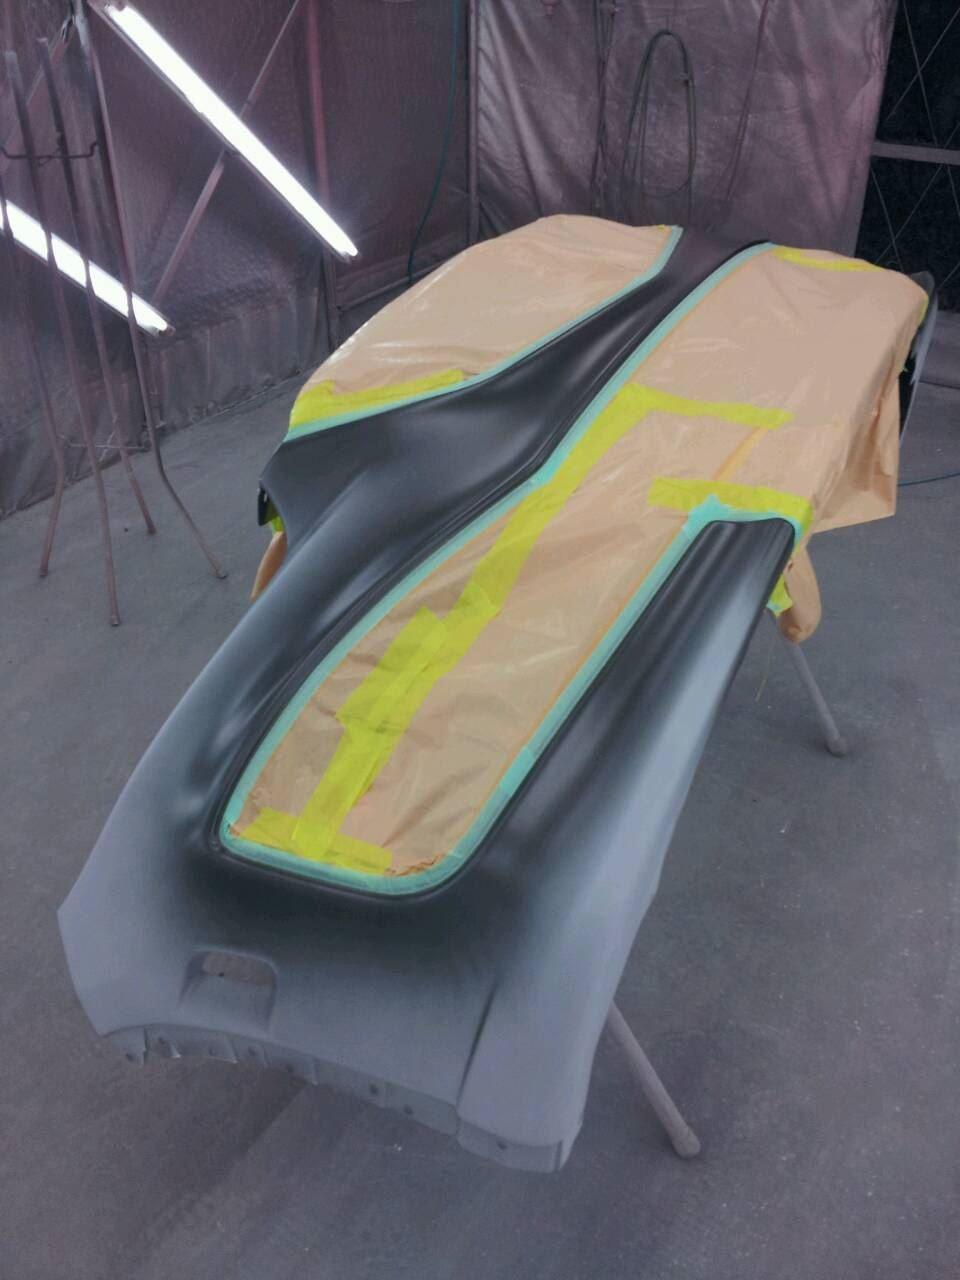 東京都立川市の車の板金塗装修理工場 ガレージローライドのマツダ CX-5のフロントバンパー塗装 取り付け です。